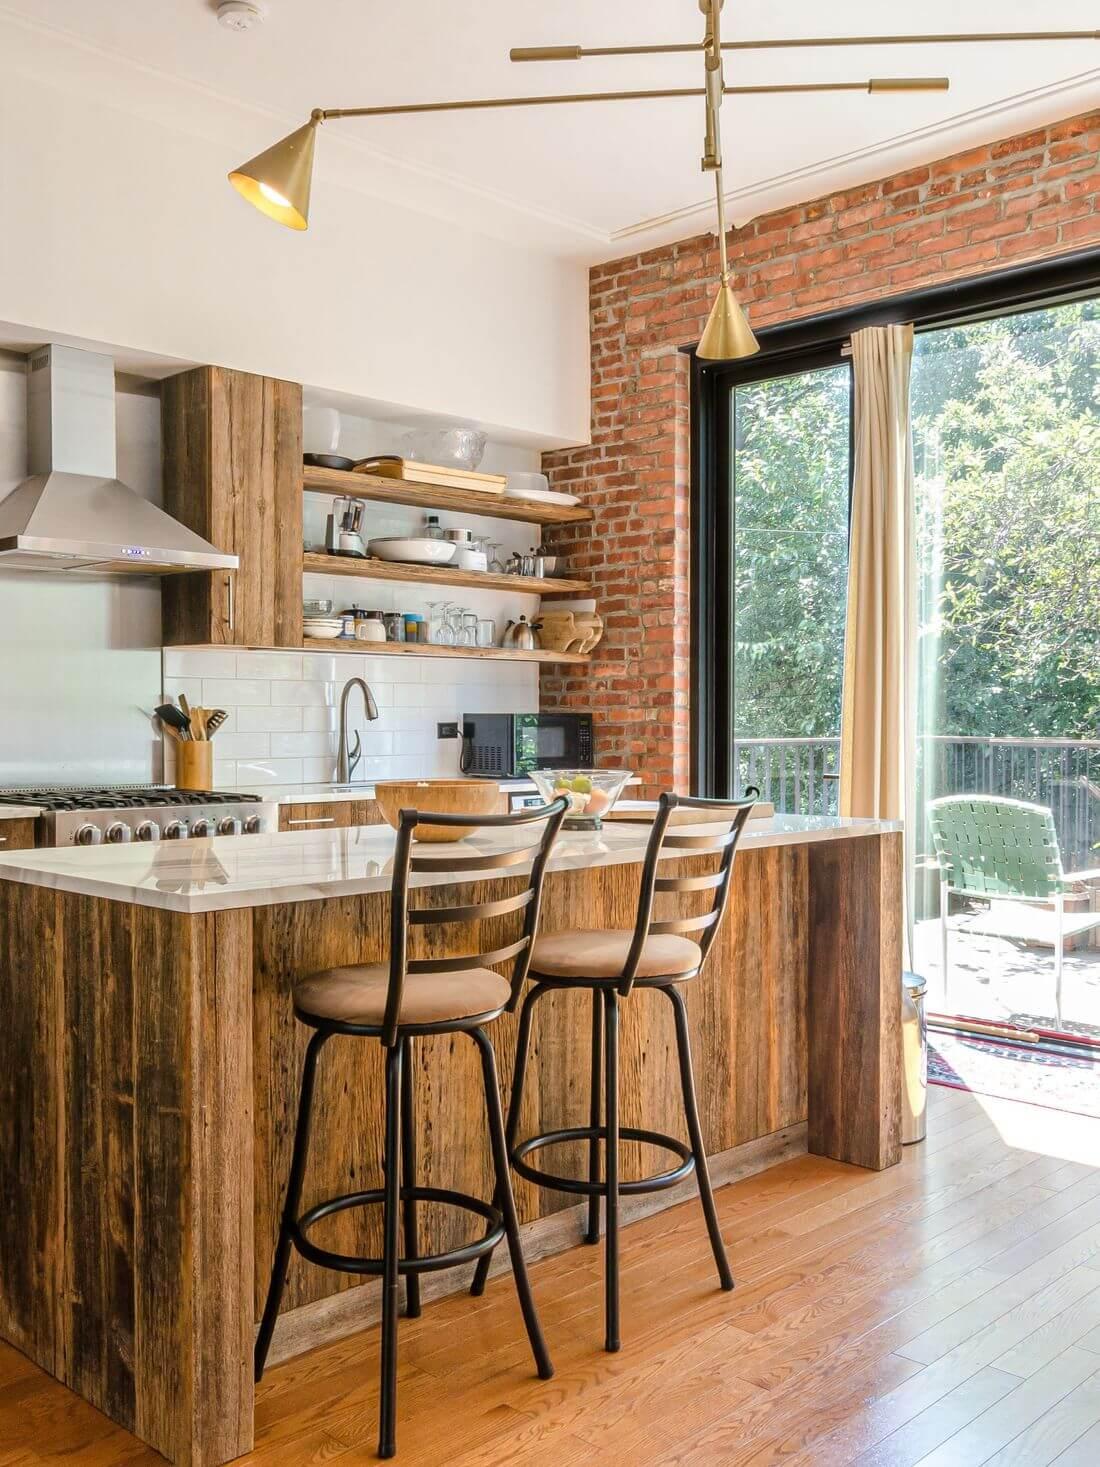 Kuchnia Loftowa w Stylu Industrialnym w apartamencie loftowym z ceglaną ścianą, drewnianymi meblami oraz drzwiami loftowymi